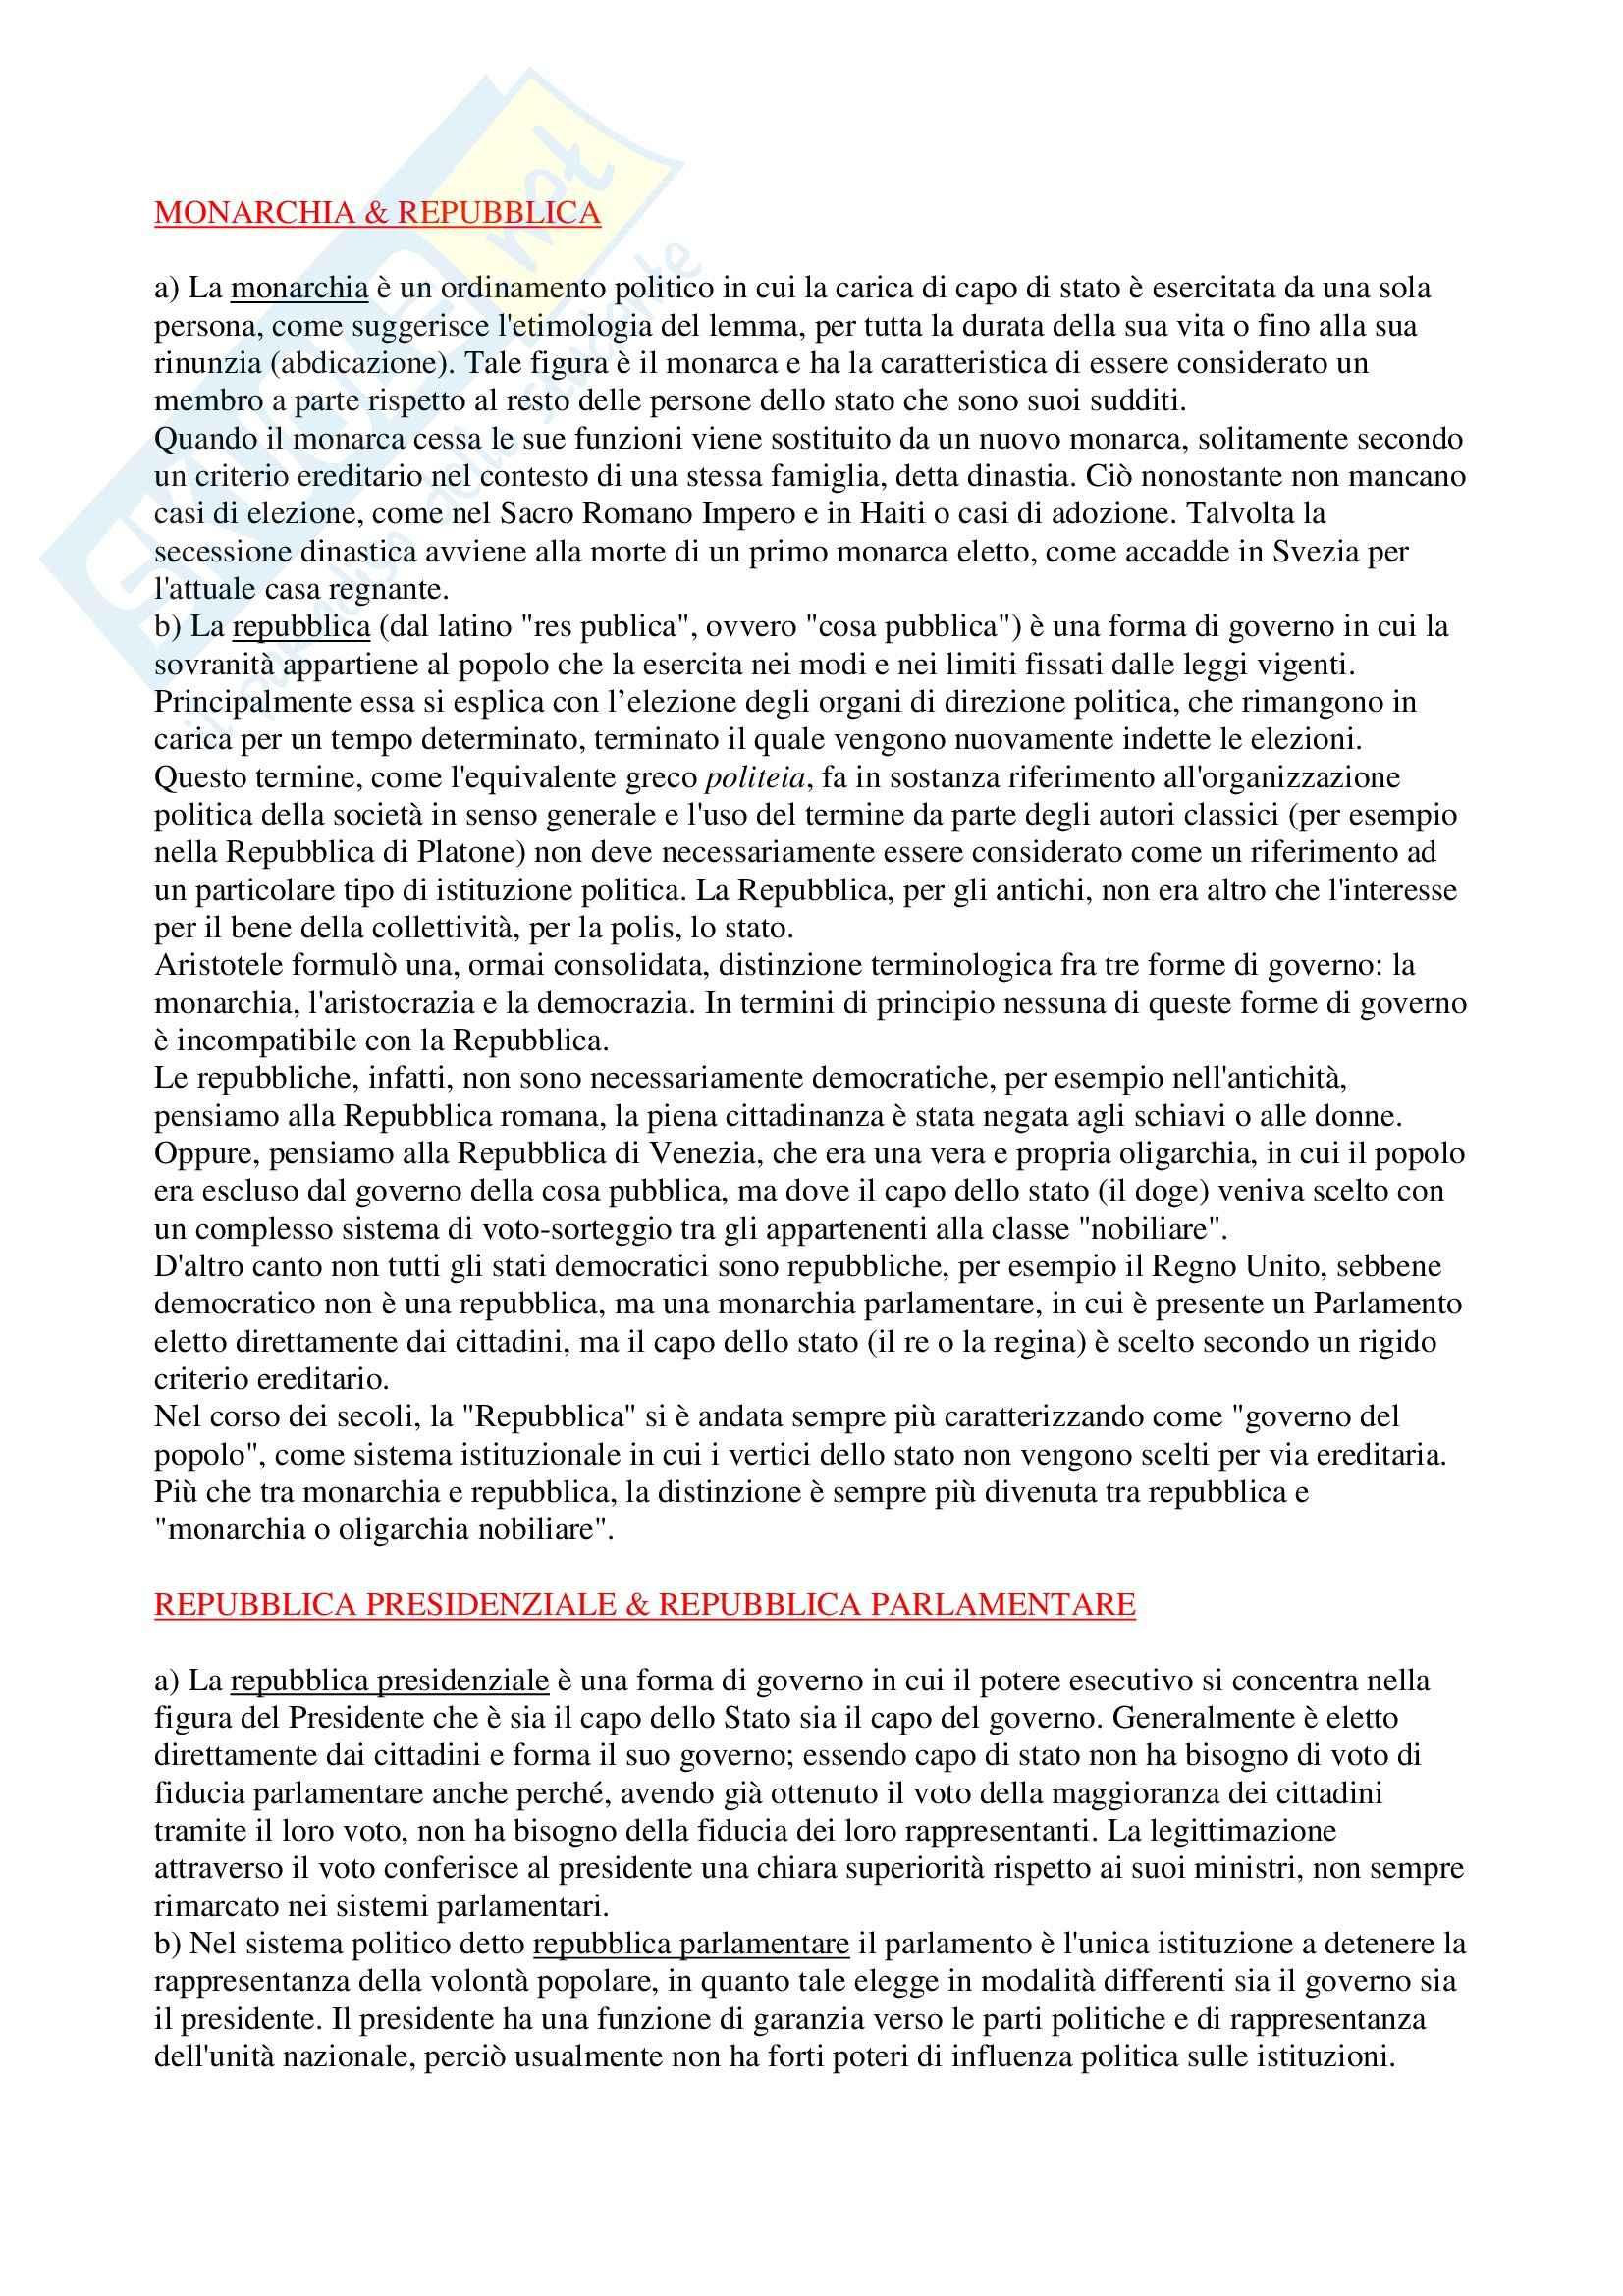 Diritto costituzionale - nozioni generali - Appunti